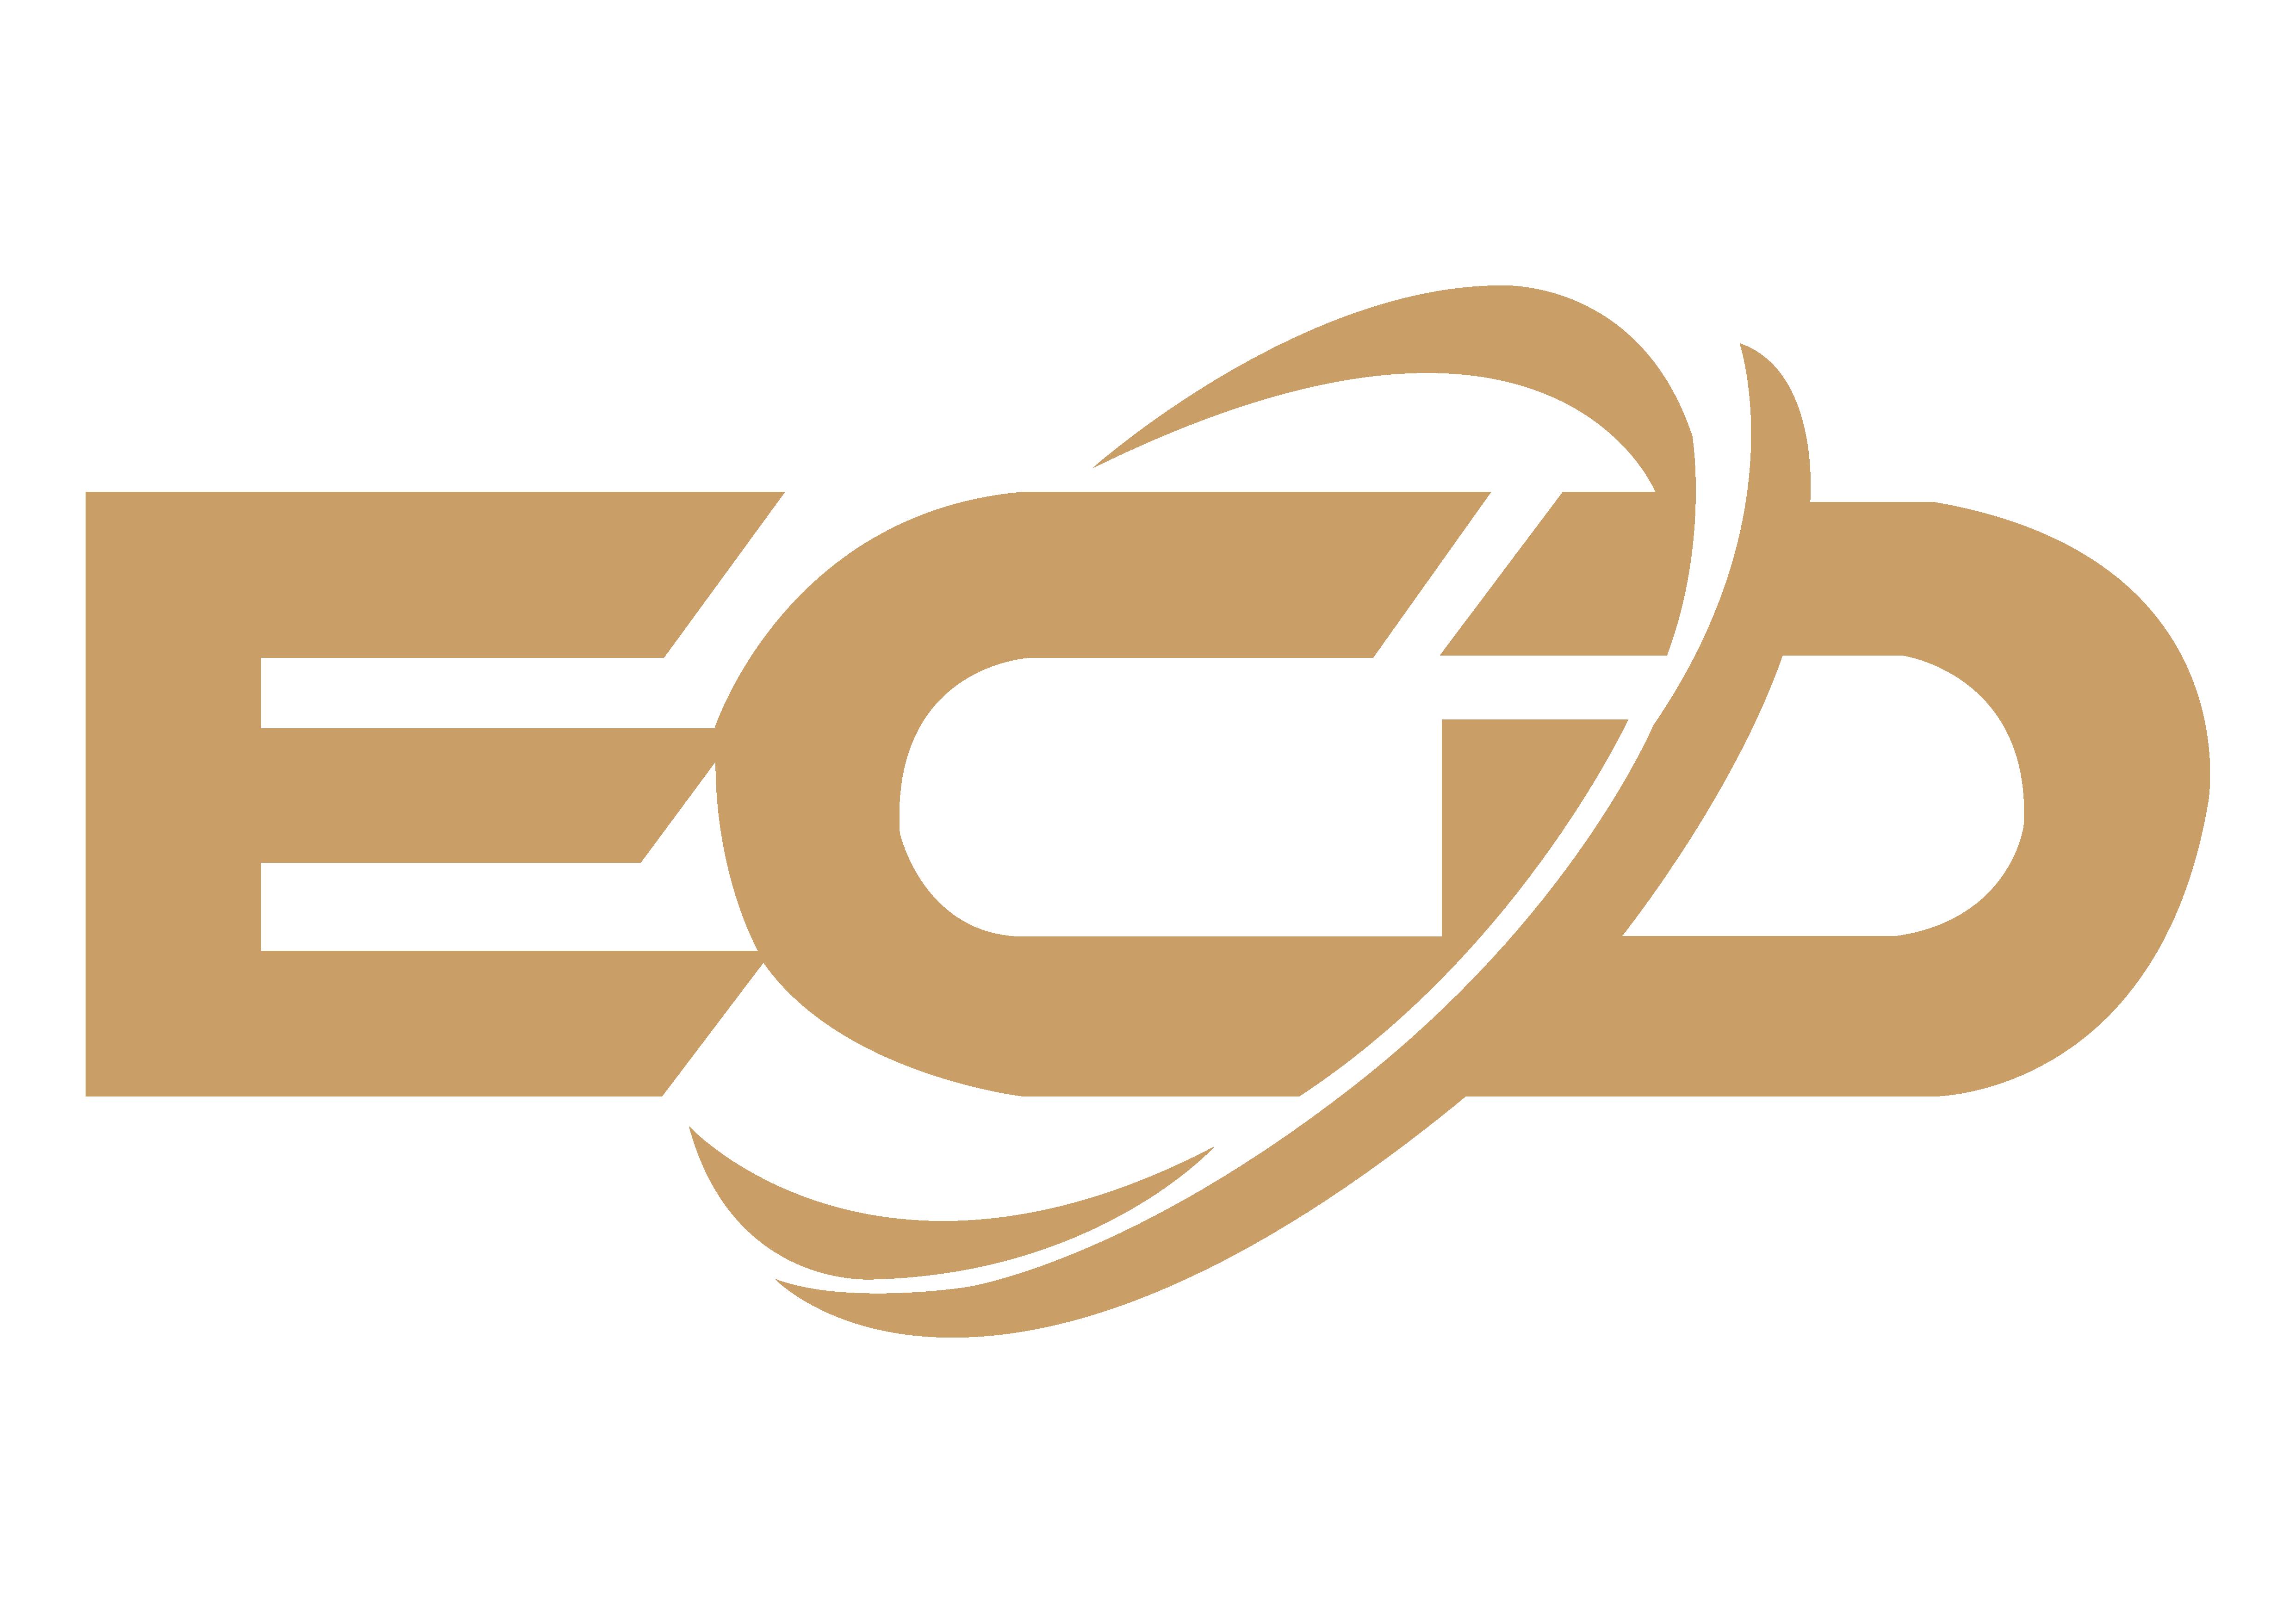 Logo_Final_copiar_Prancheta_1_cópia_2